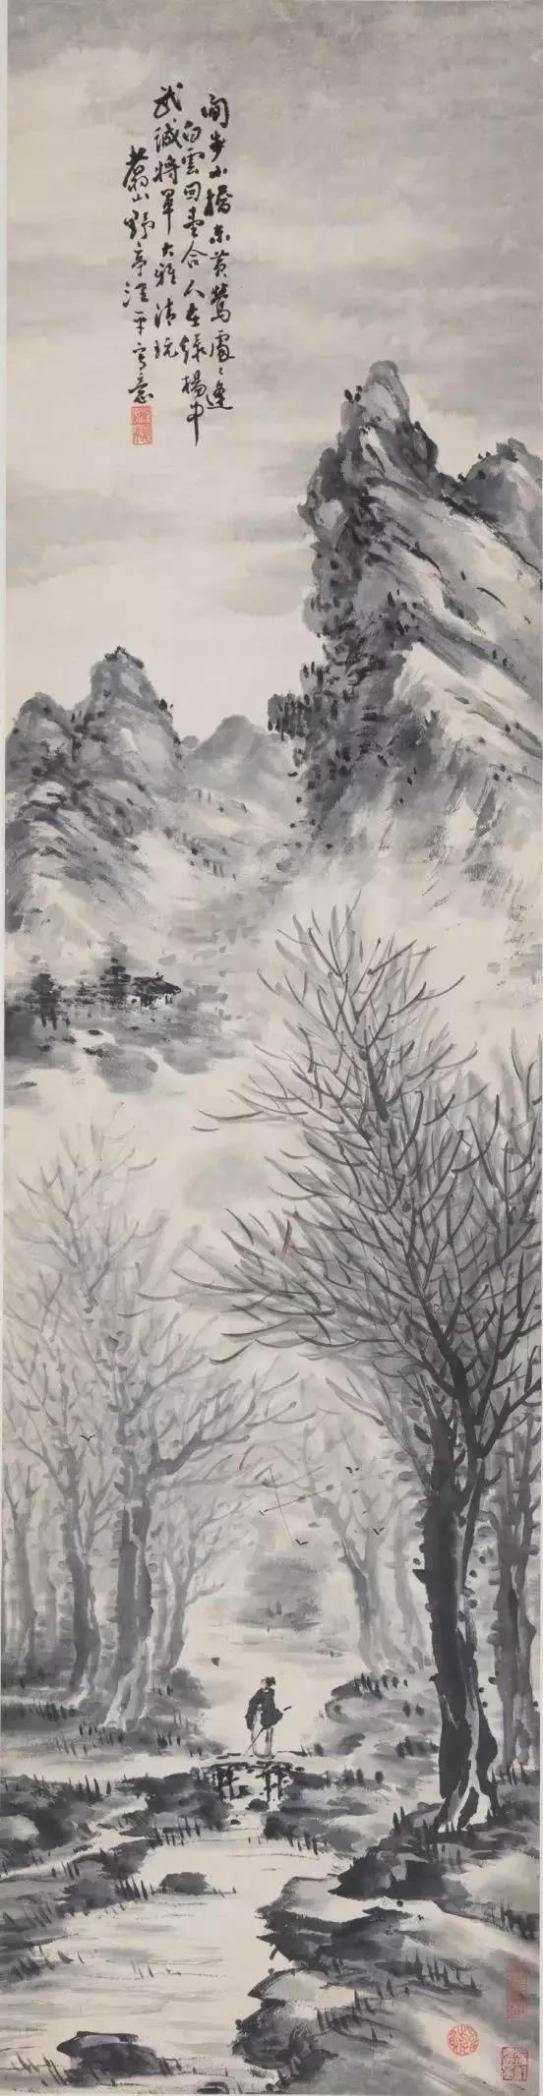 2018长沙春拍在即 新湖南大厦邀您共同品鉴文物之美